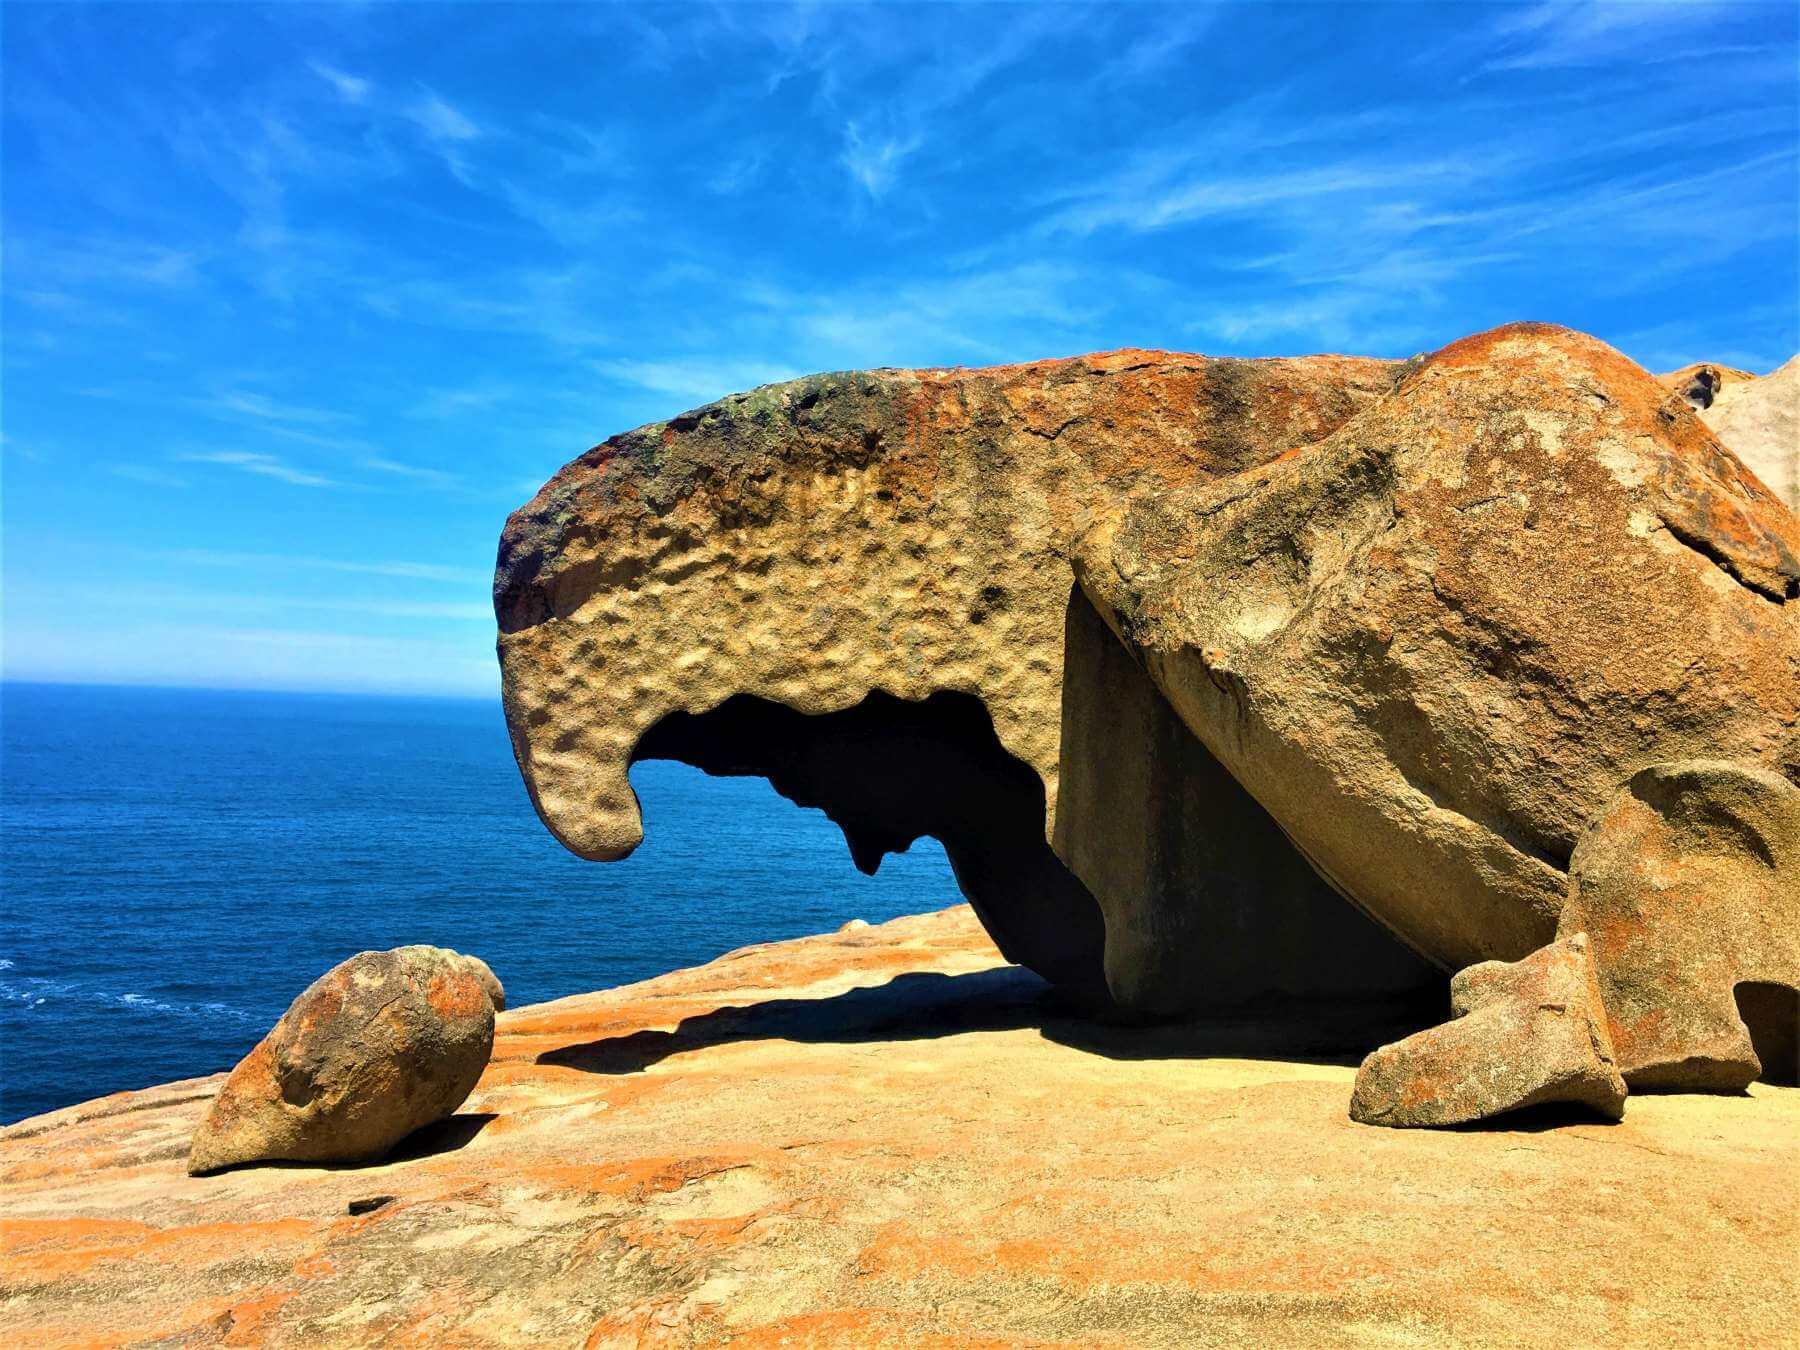 Adlerfelsen - Sehenswürdigkeit auf Kangaroo Island